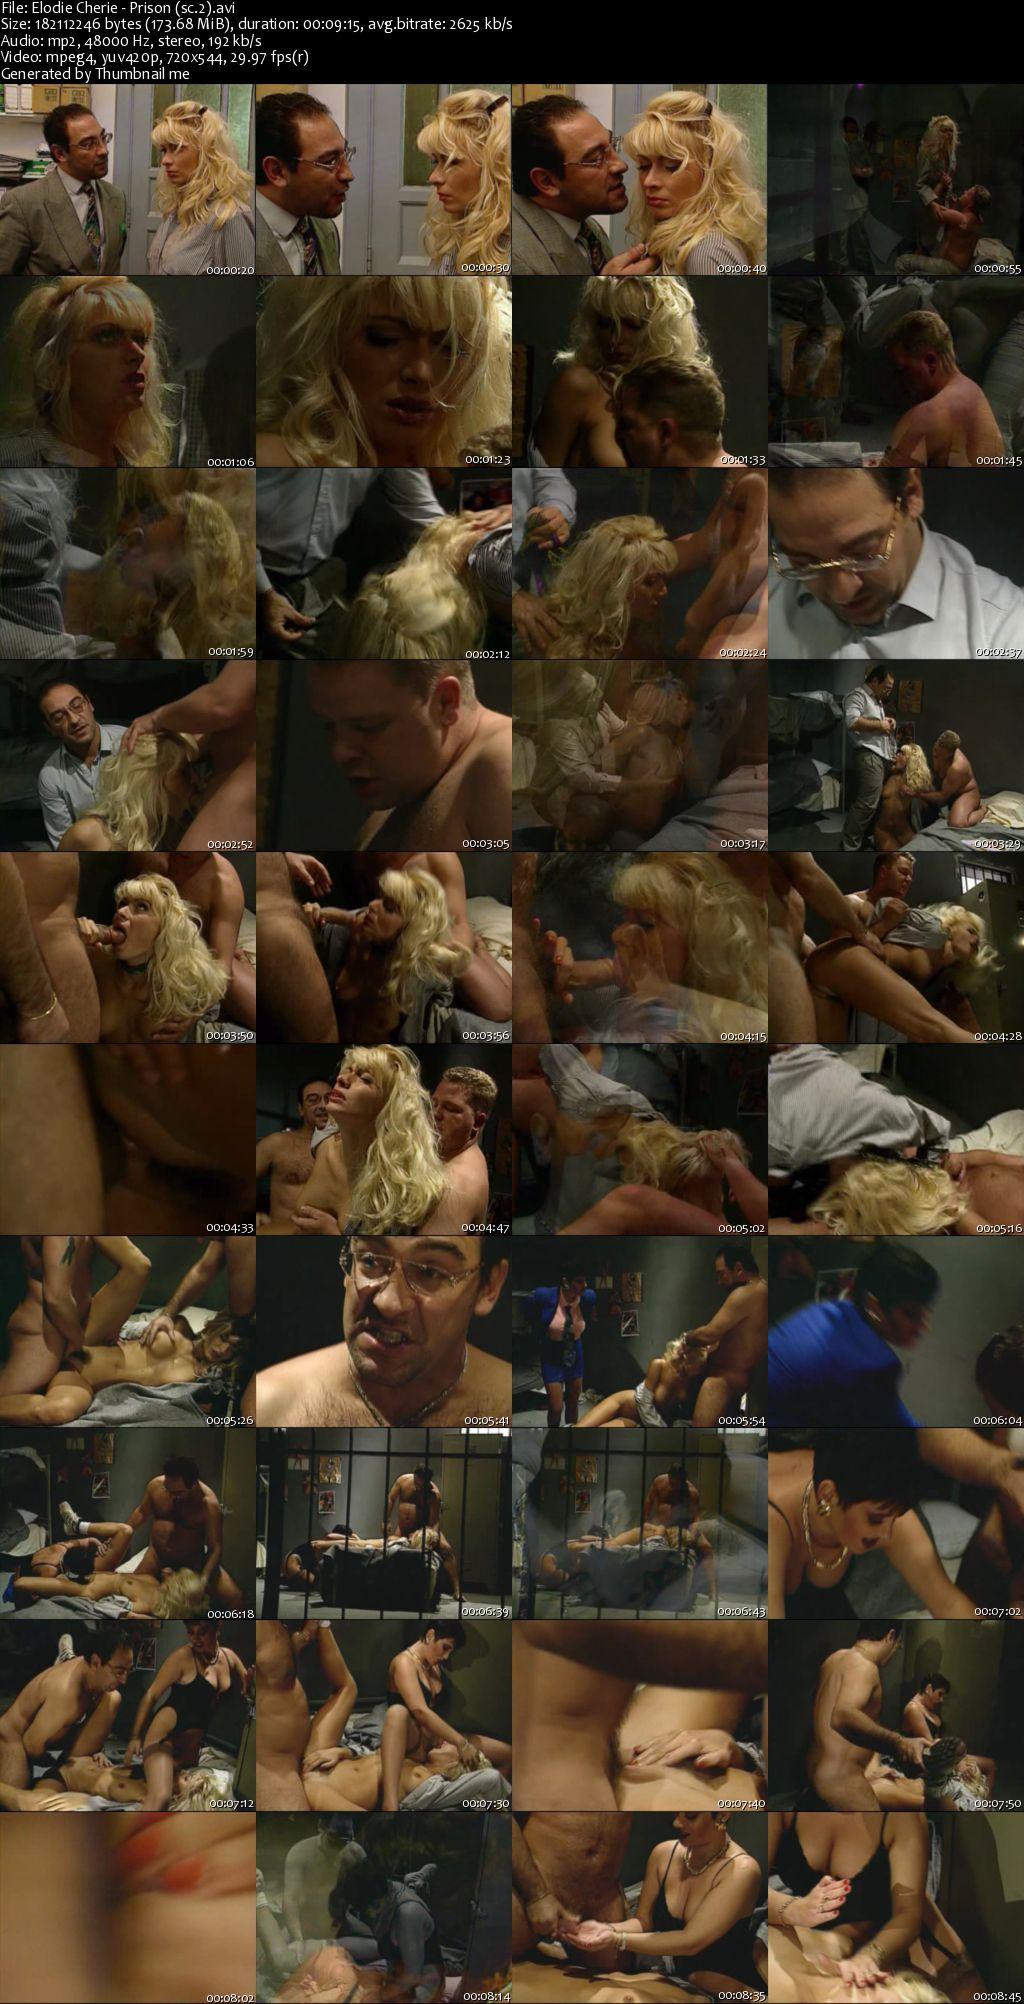 Элоди шери порно онлайн 15 фотография